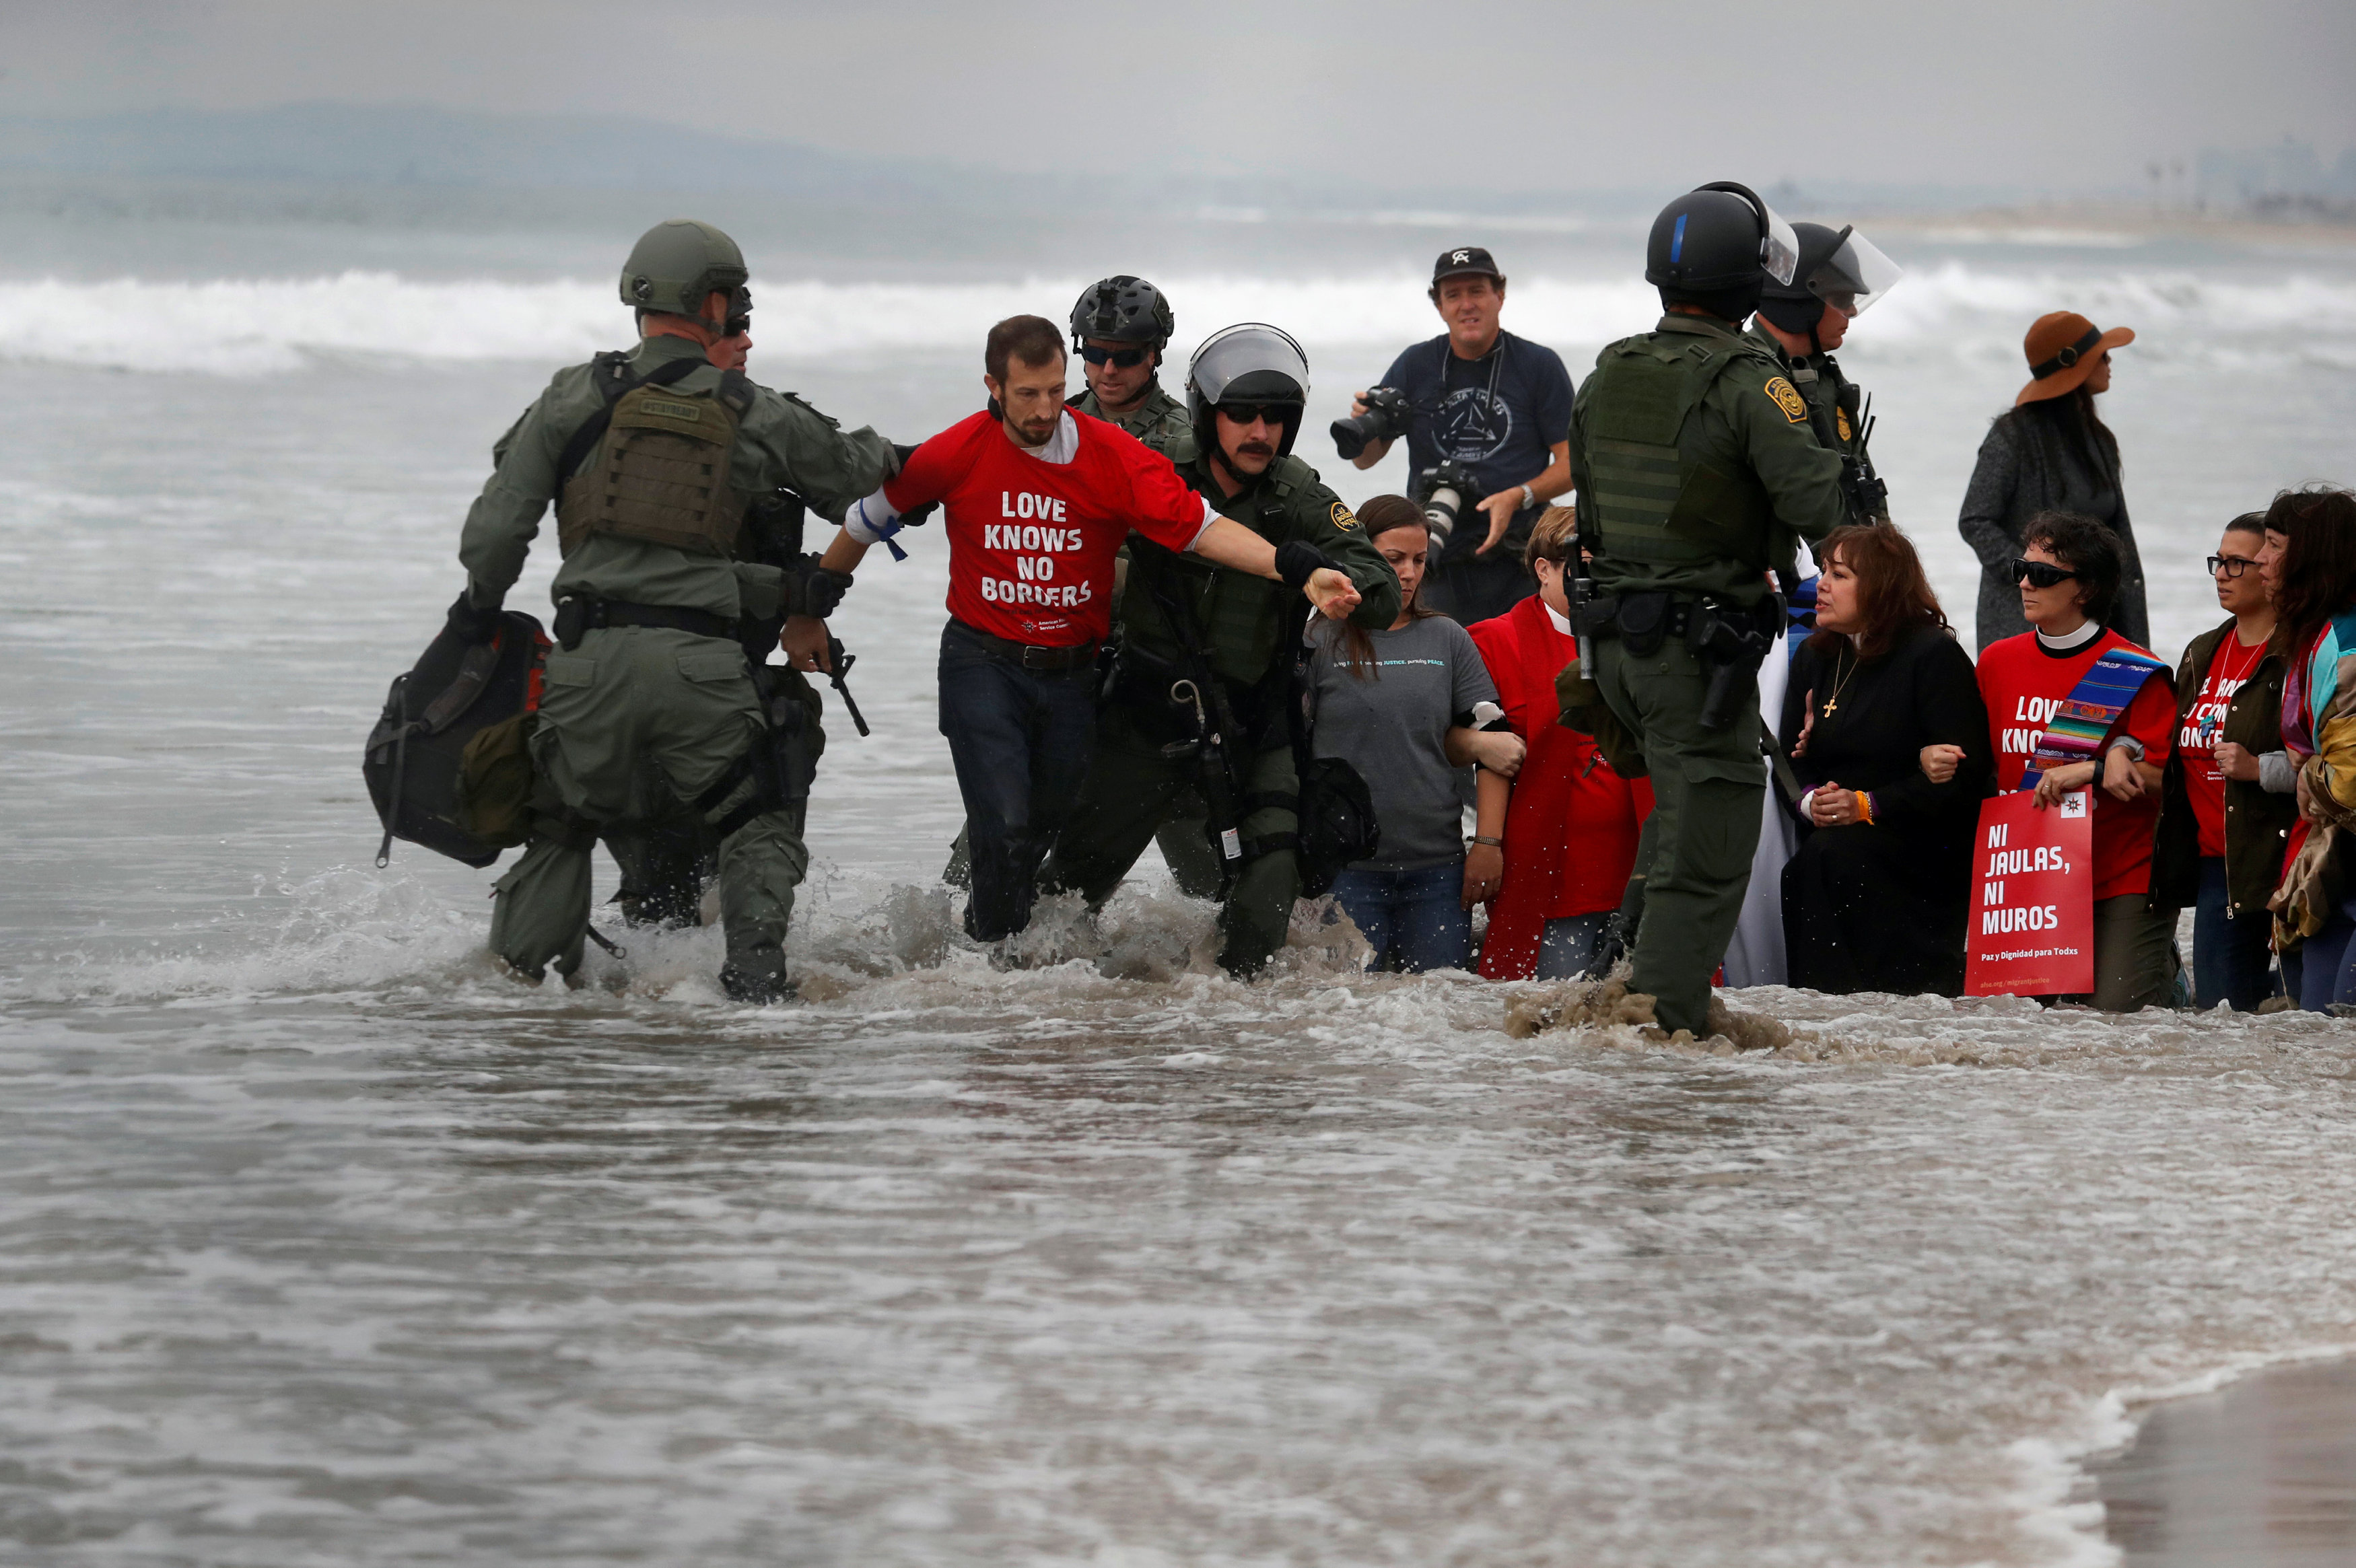 اعتقال مهاجرين على الجانب الأمريكى من الحدود مع المكسيك  (2)